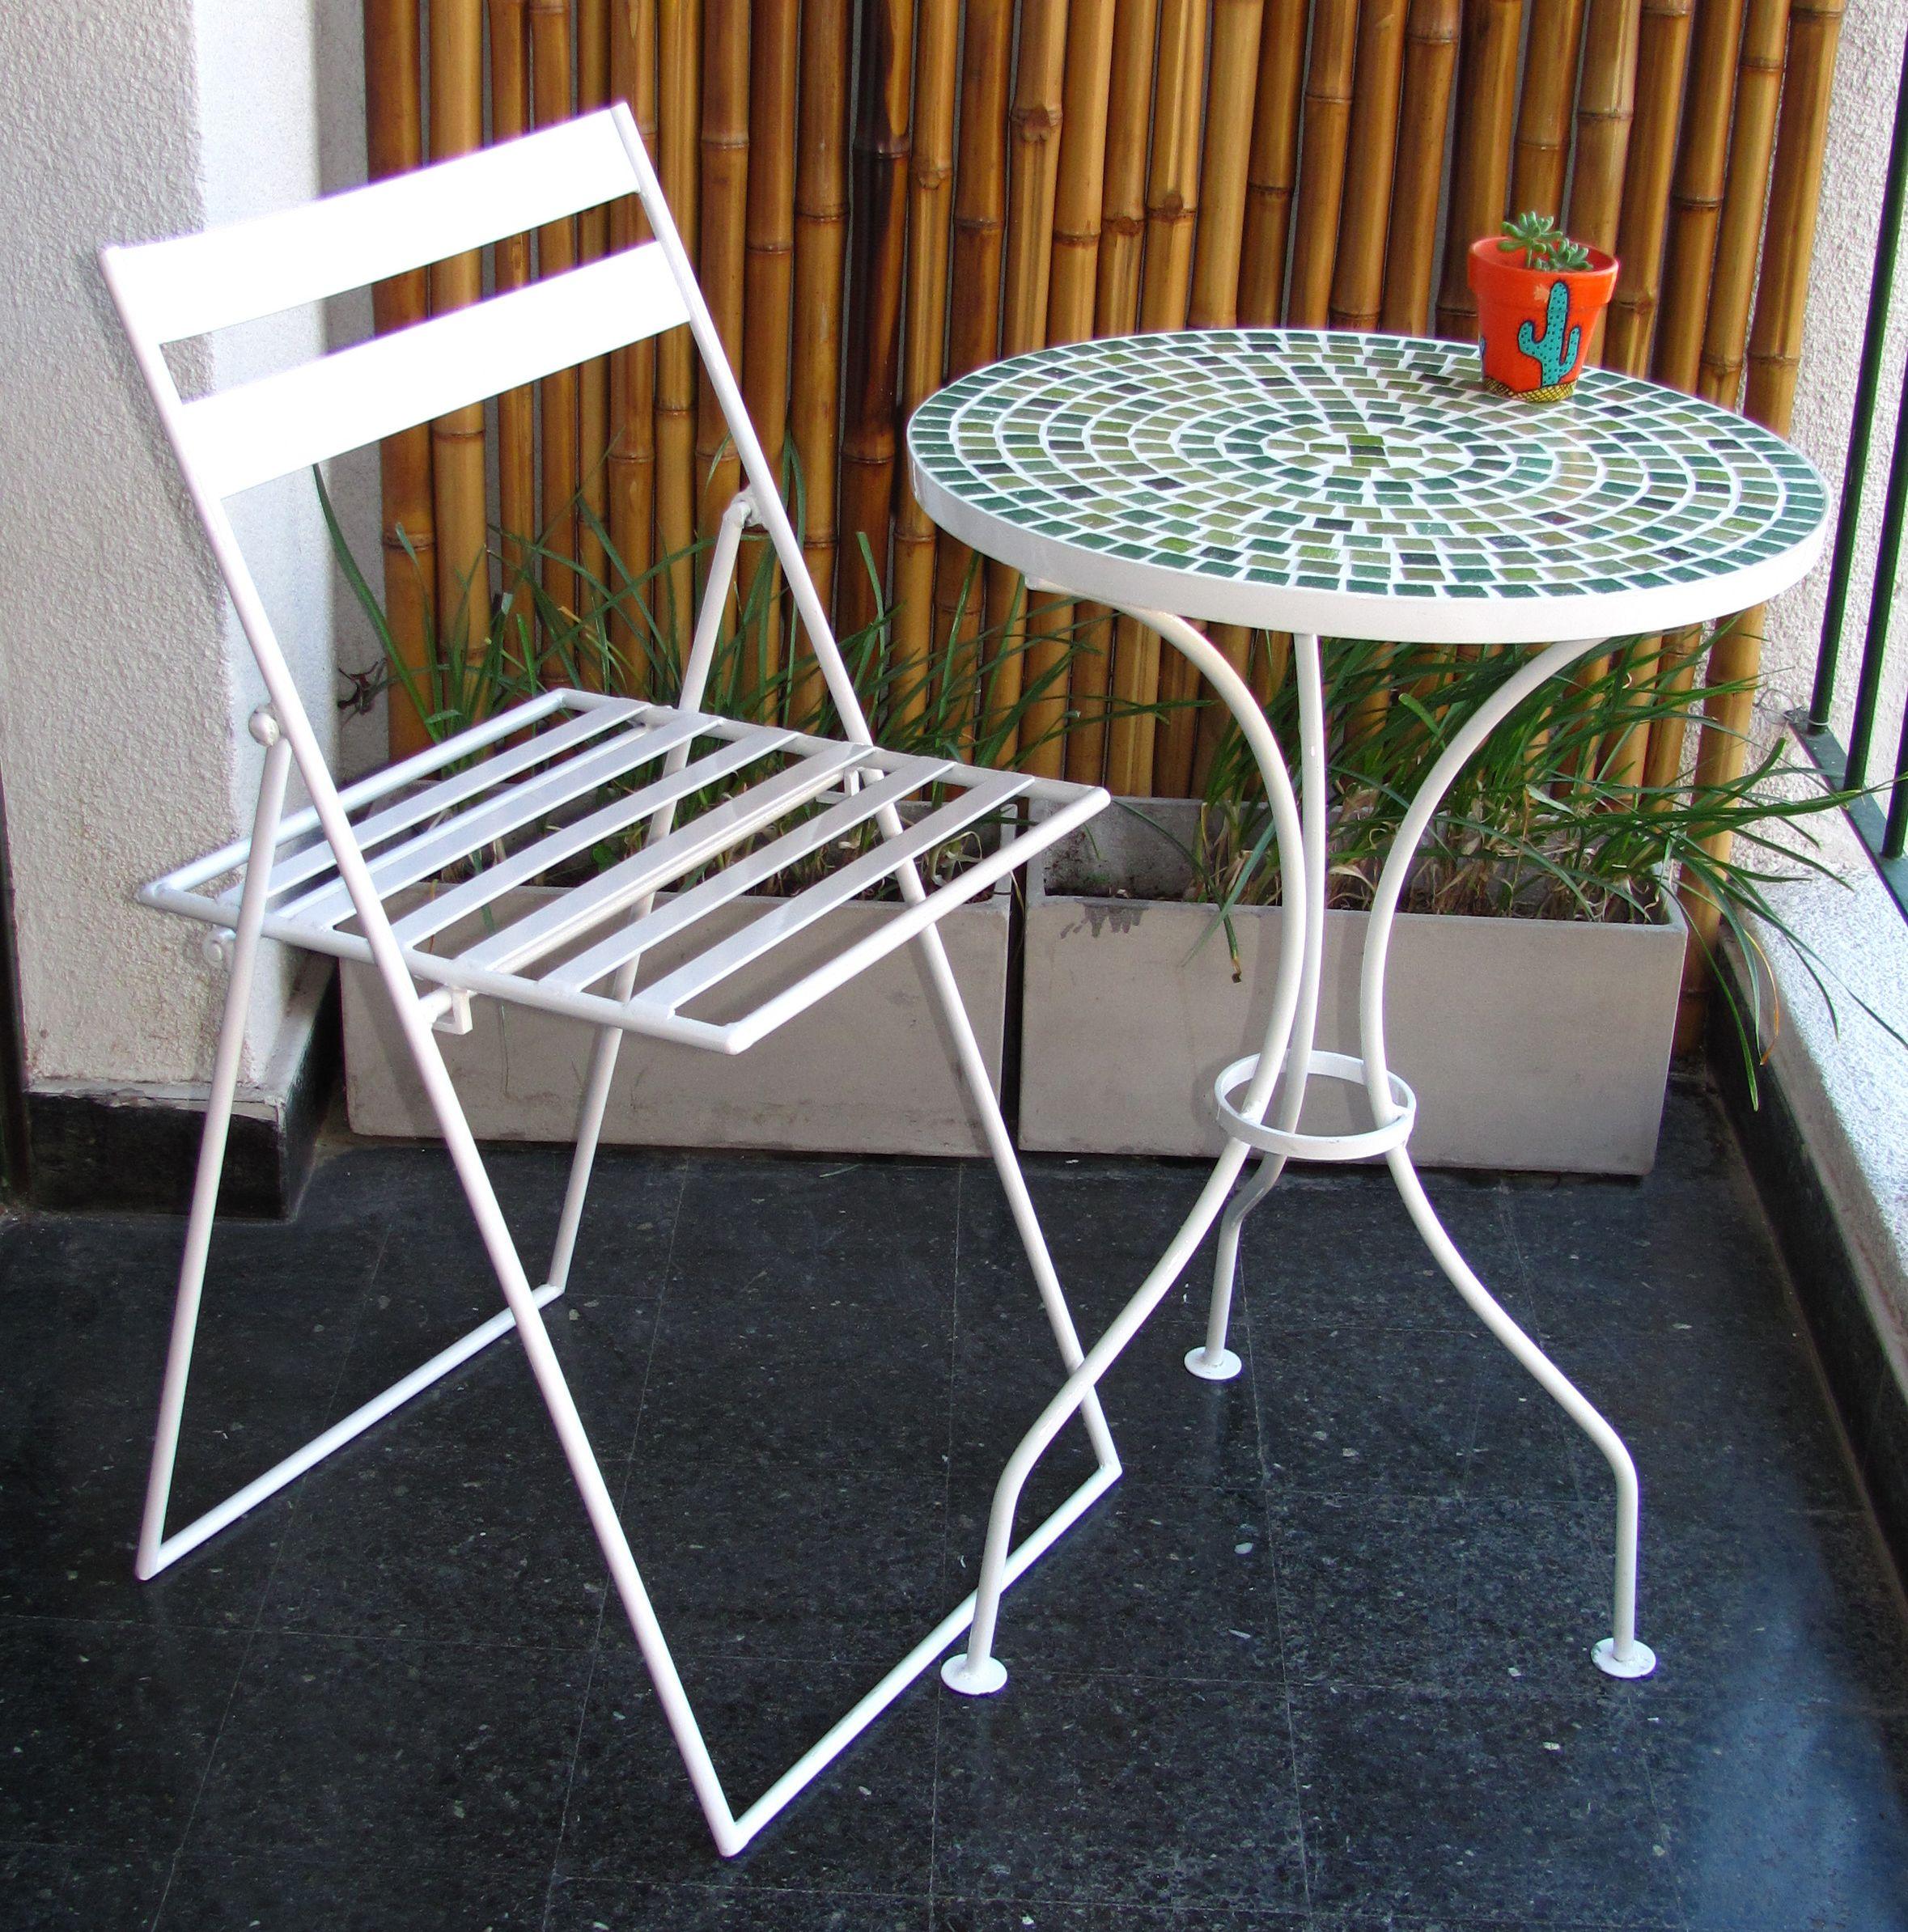 Juegos de mesa y sillas para balcon y o jardin sillas for Mesas y sillas para terraza